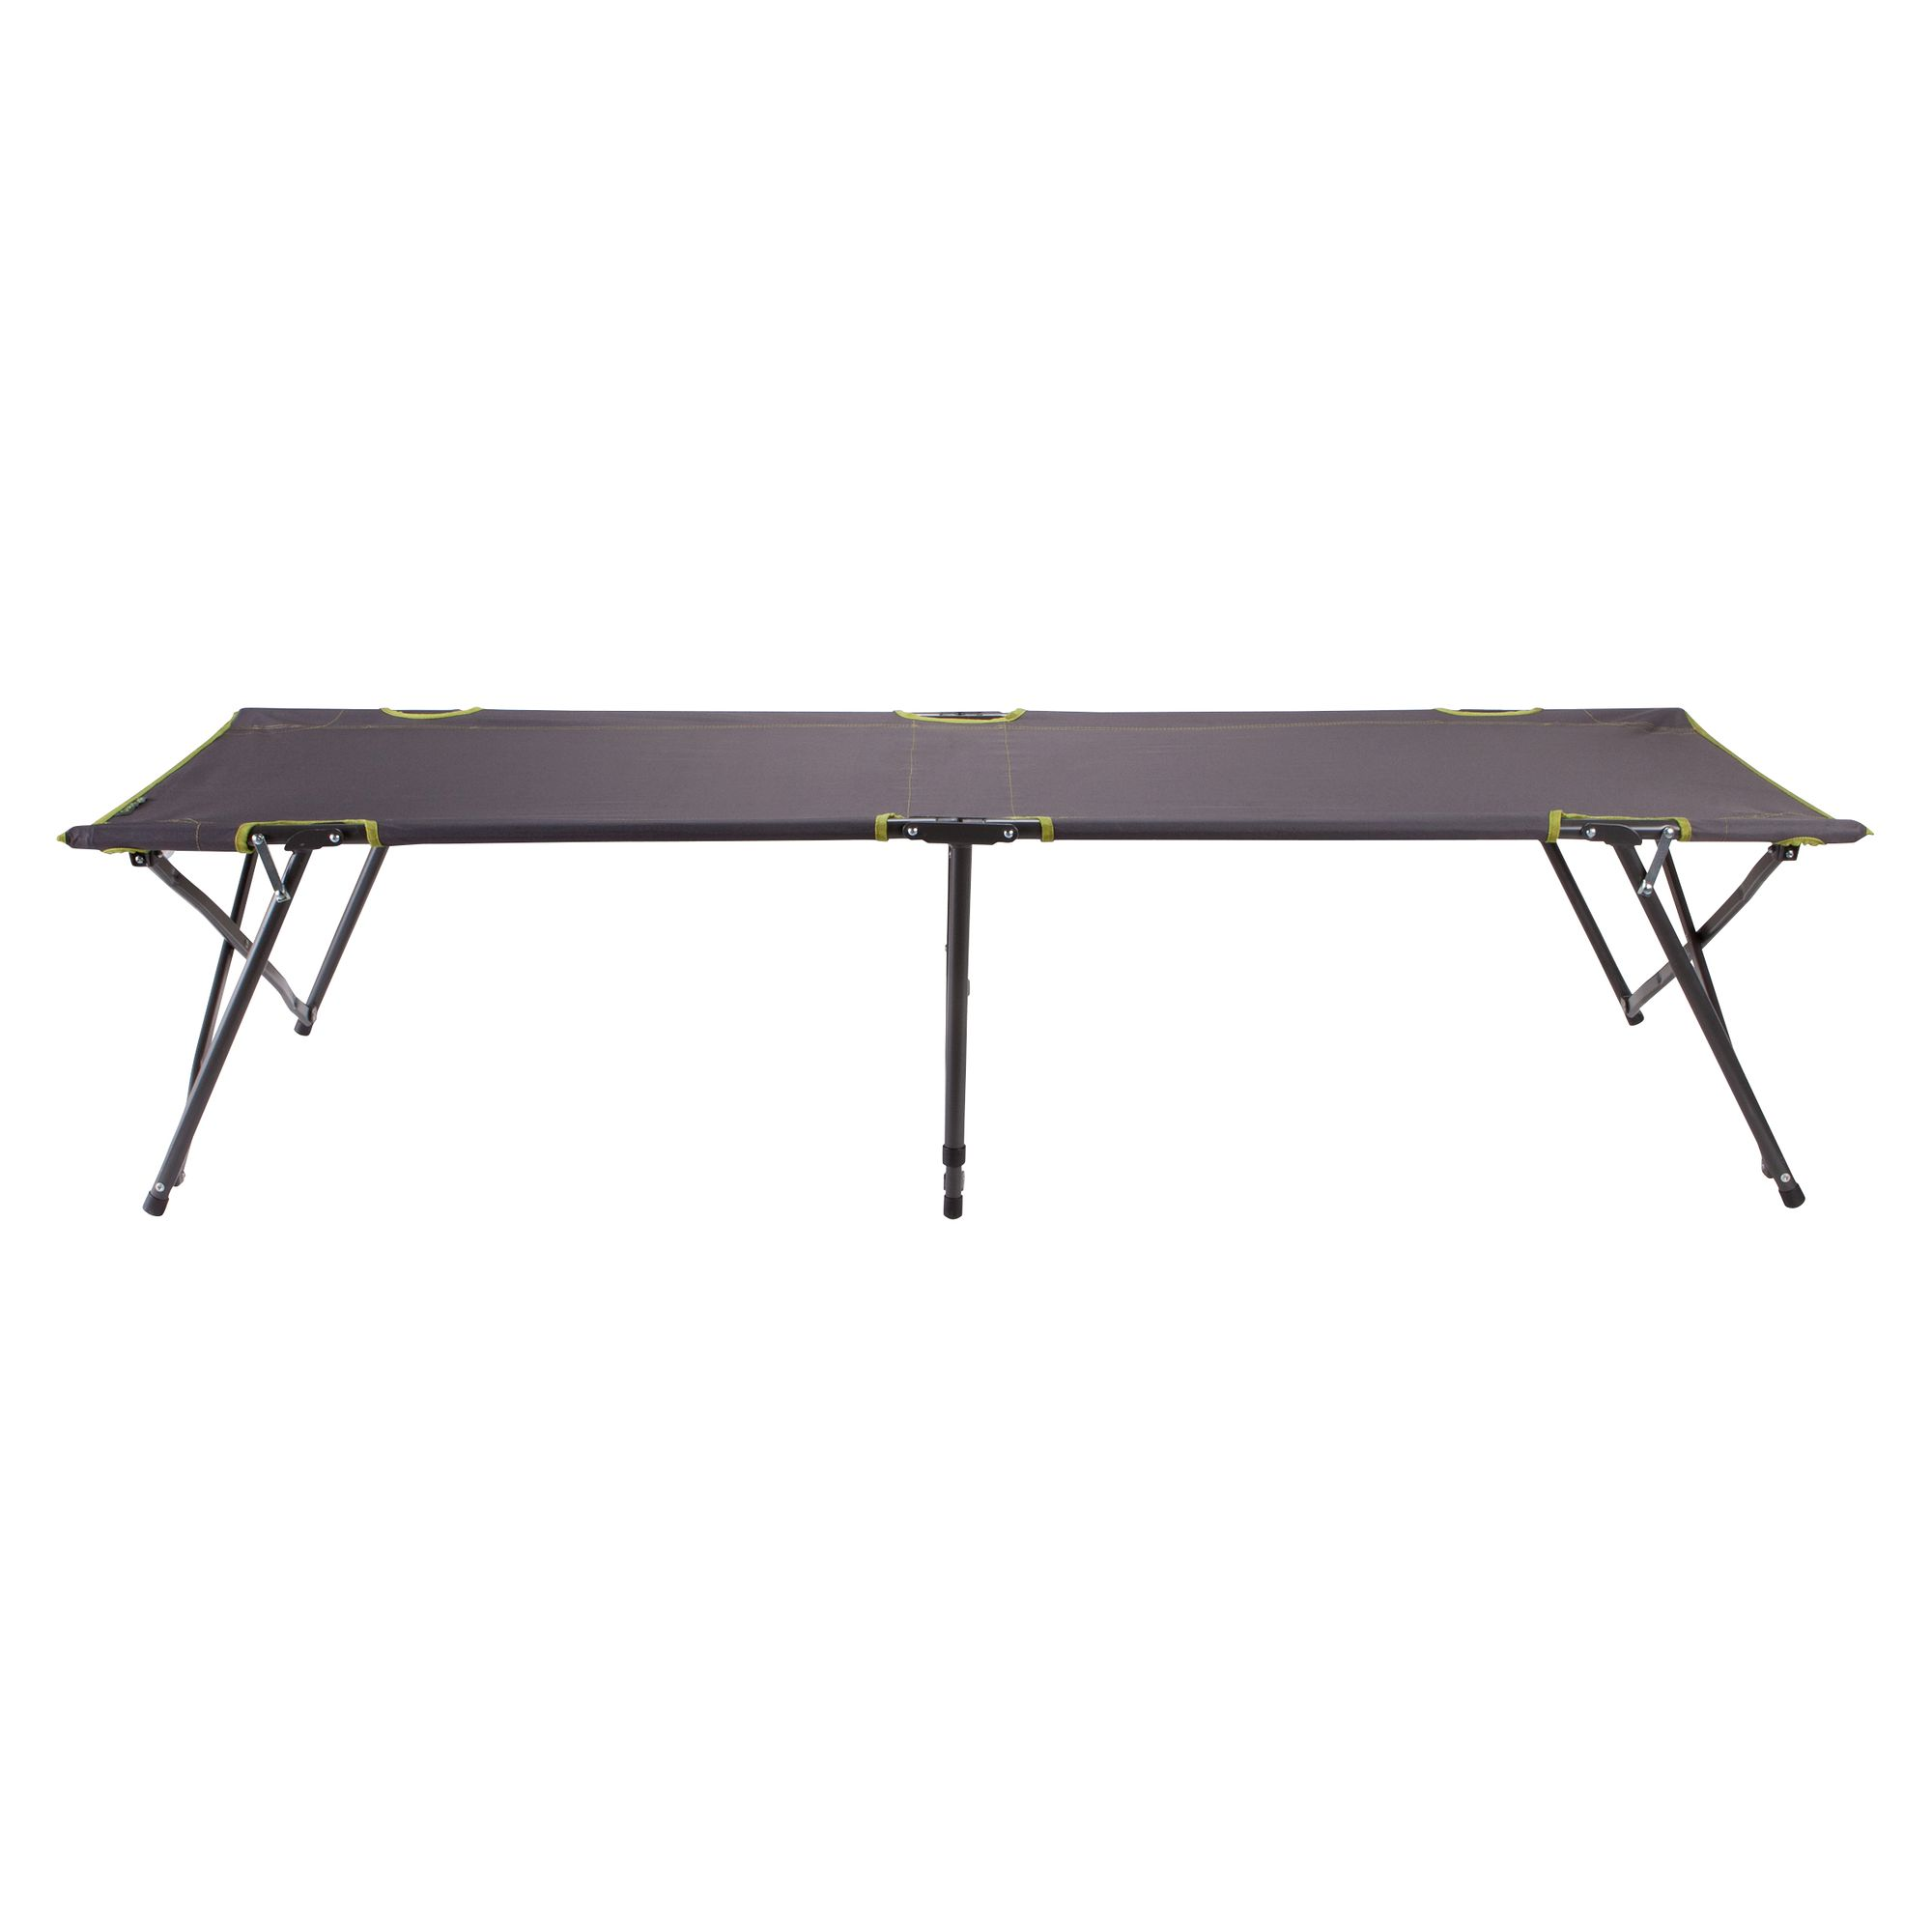 lit de camp 1 personne pliable l100 clubs collectivit s decathlon pro. Black Bedroom Furniture Sets. Home Design Ideas